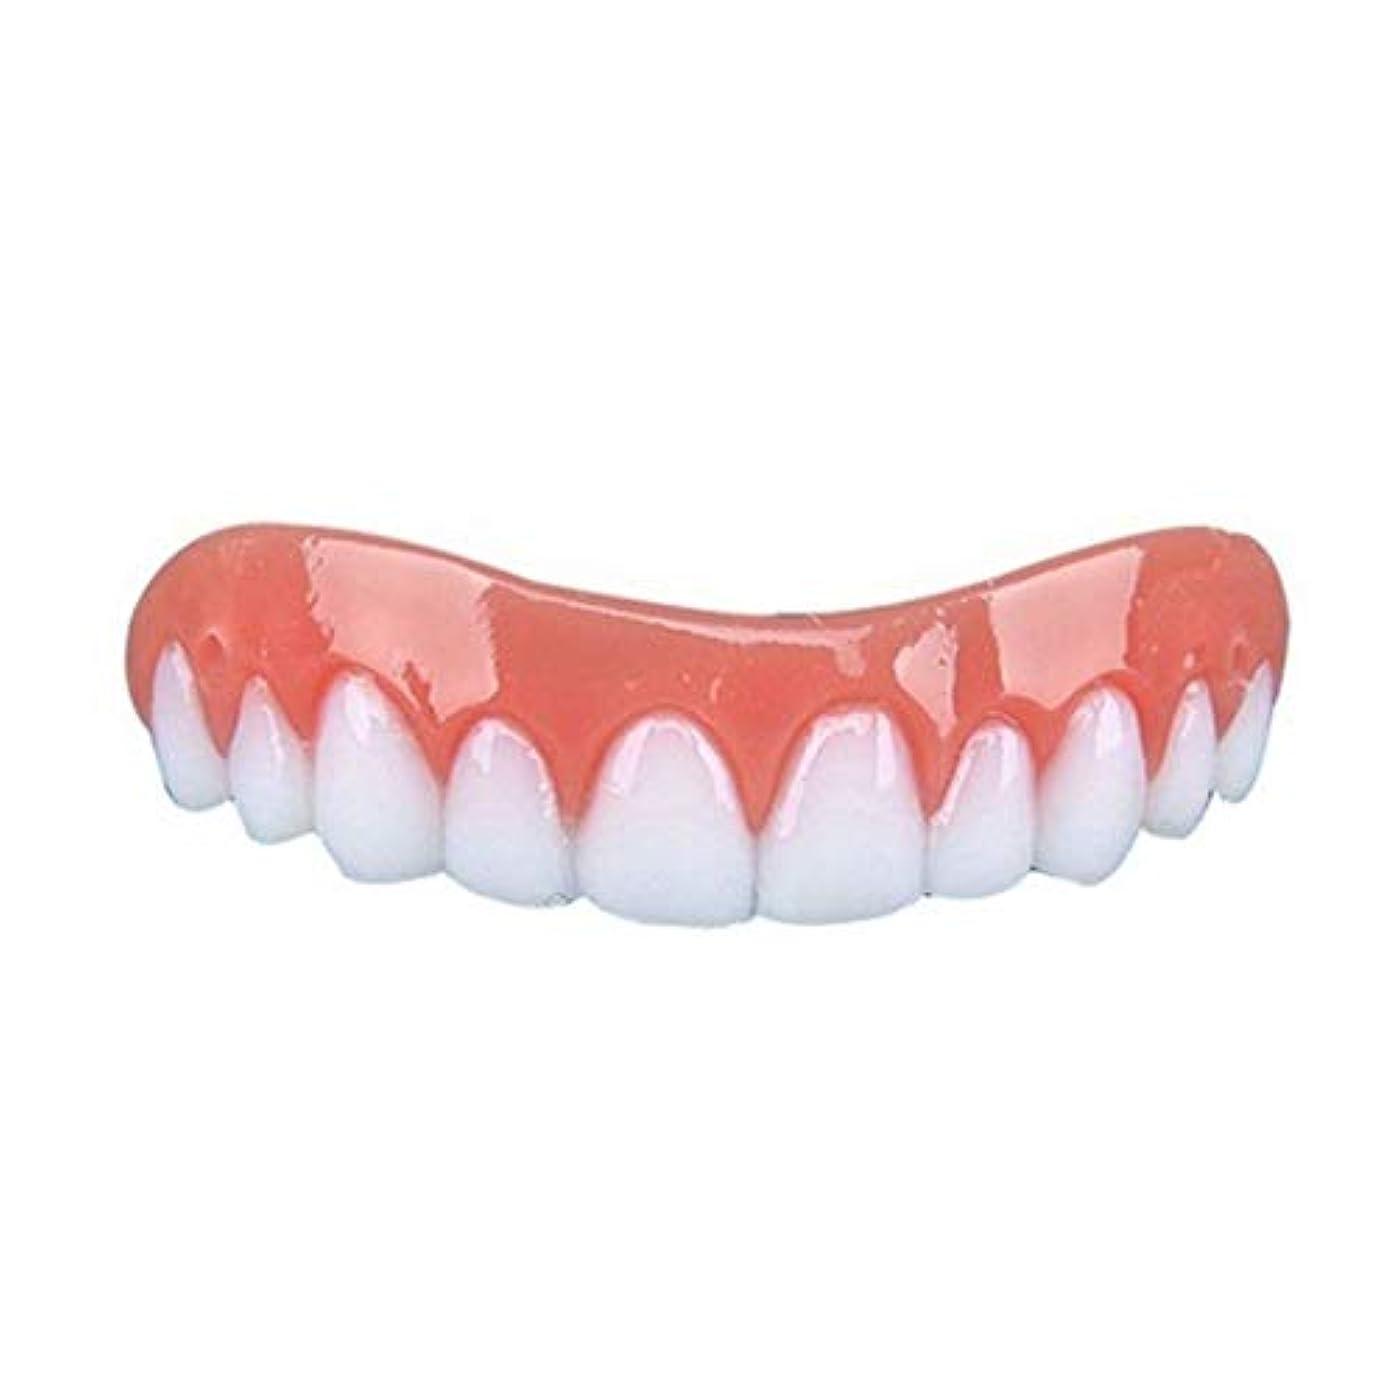 ブリードスキャンダラスにんじんBartram 歯カバー シリコン義歯ペースト 上歯 笑顔を保つ 歯保護 美容用 入れ歯 矯正義歯